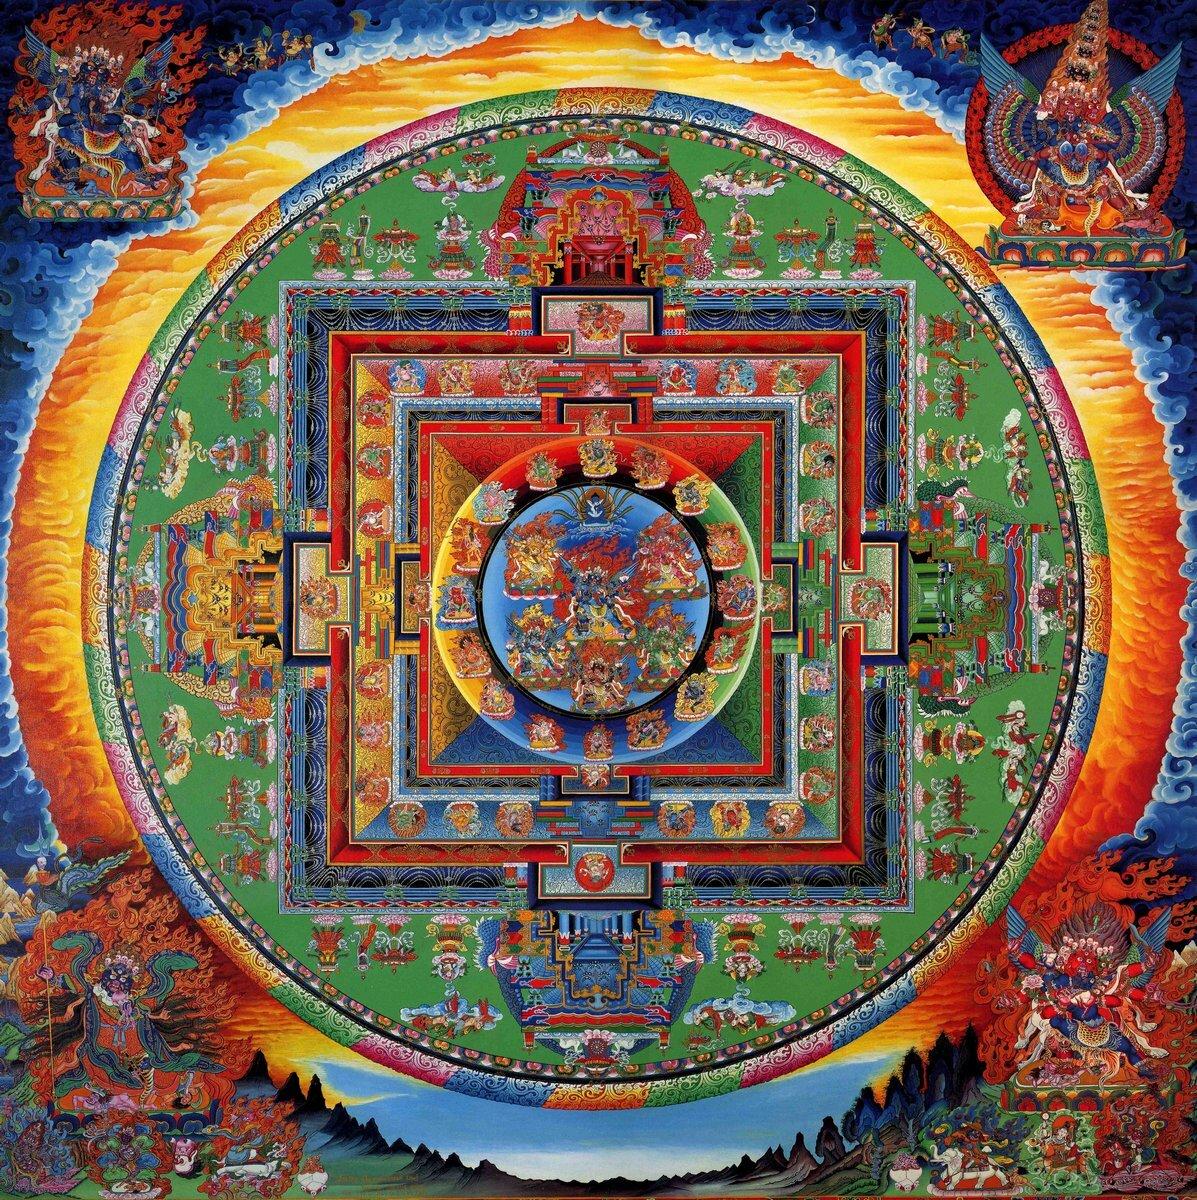 Ом тибетская мантра скачать все песни в хорошем качестве (320kbps)